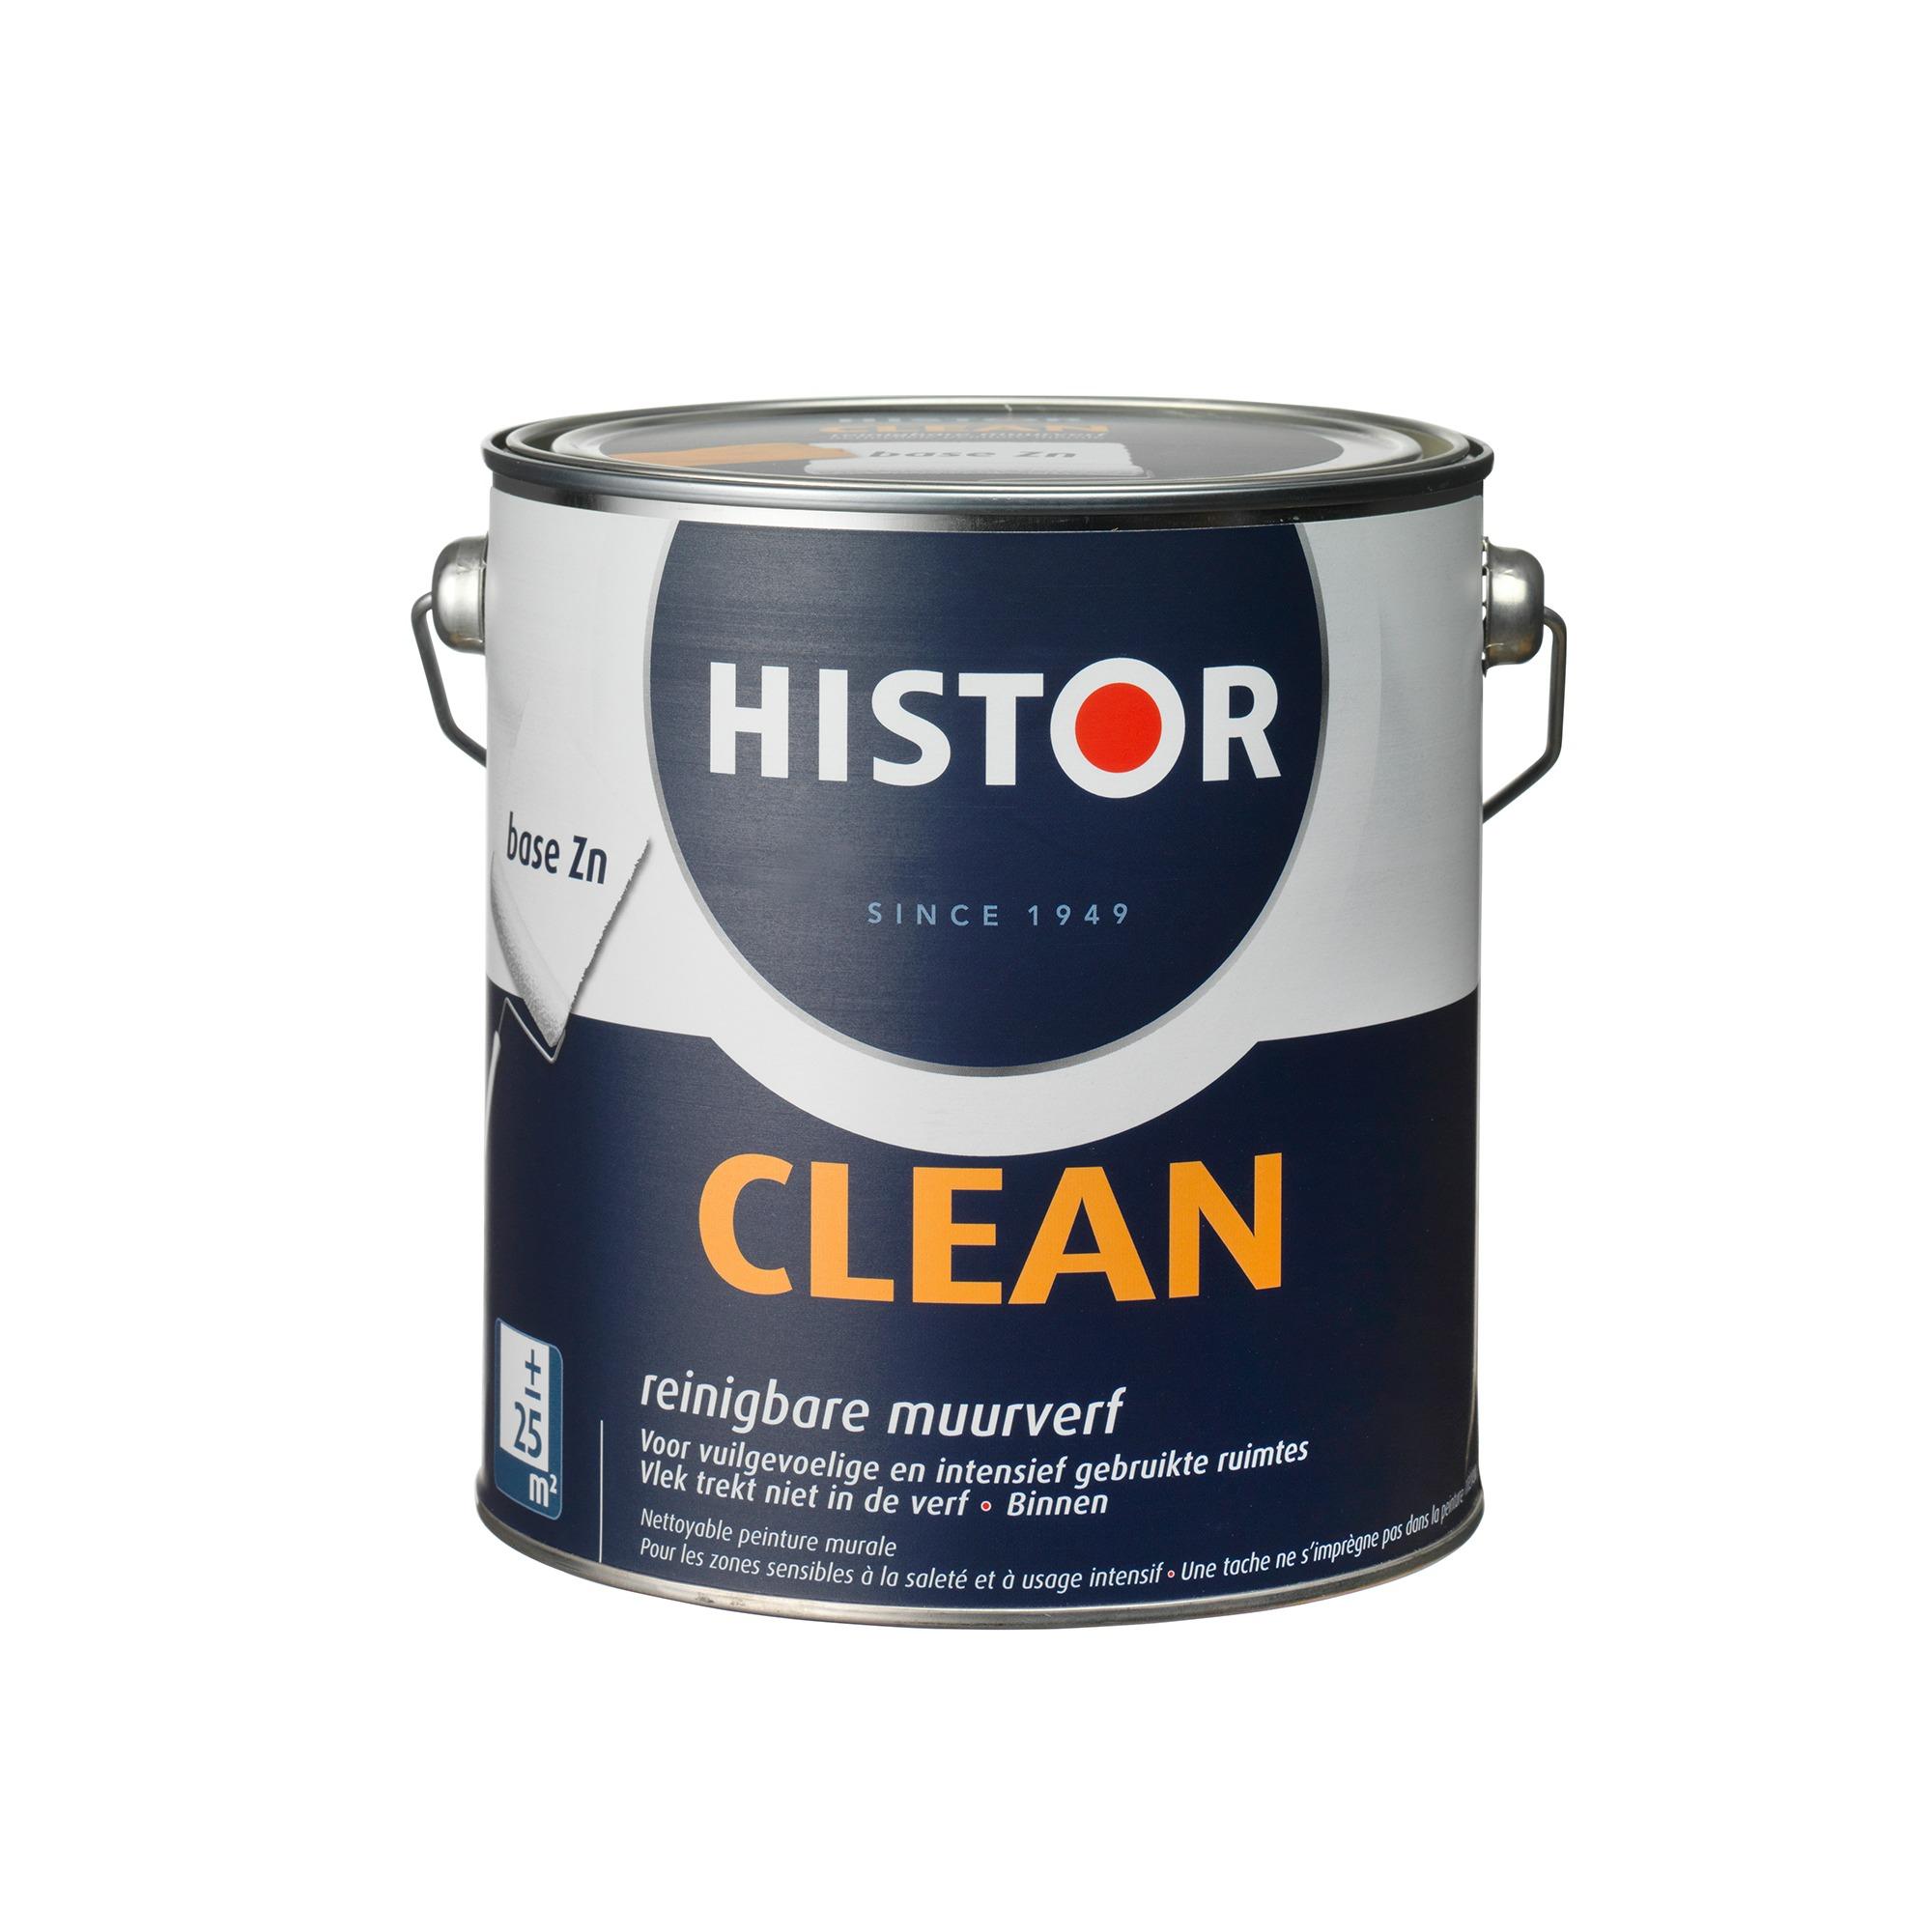 Histor Clean Muurverf RAL 9010 2,5 l